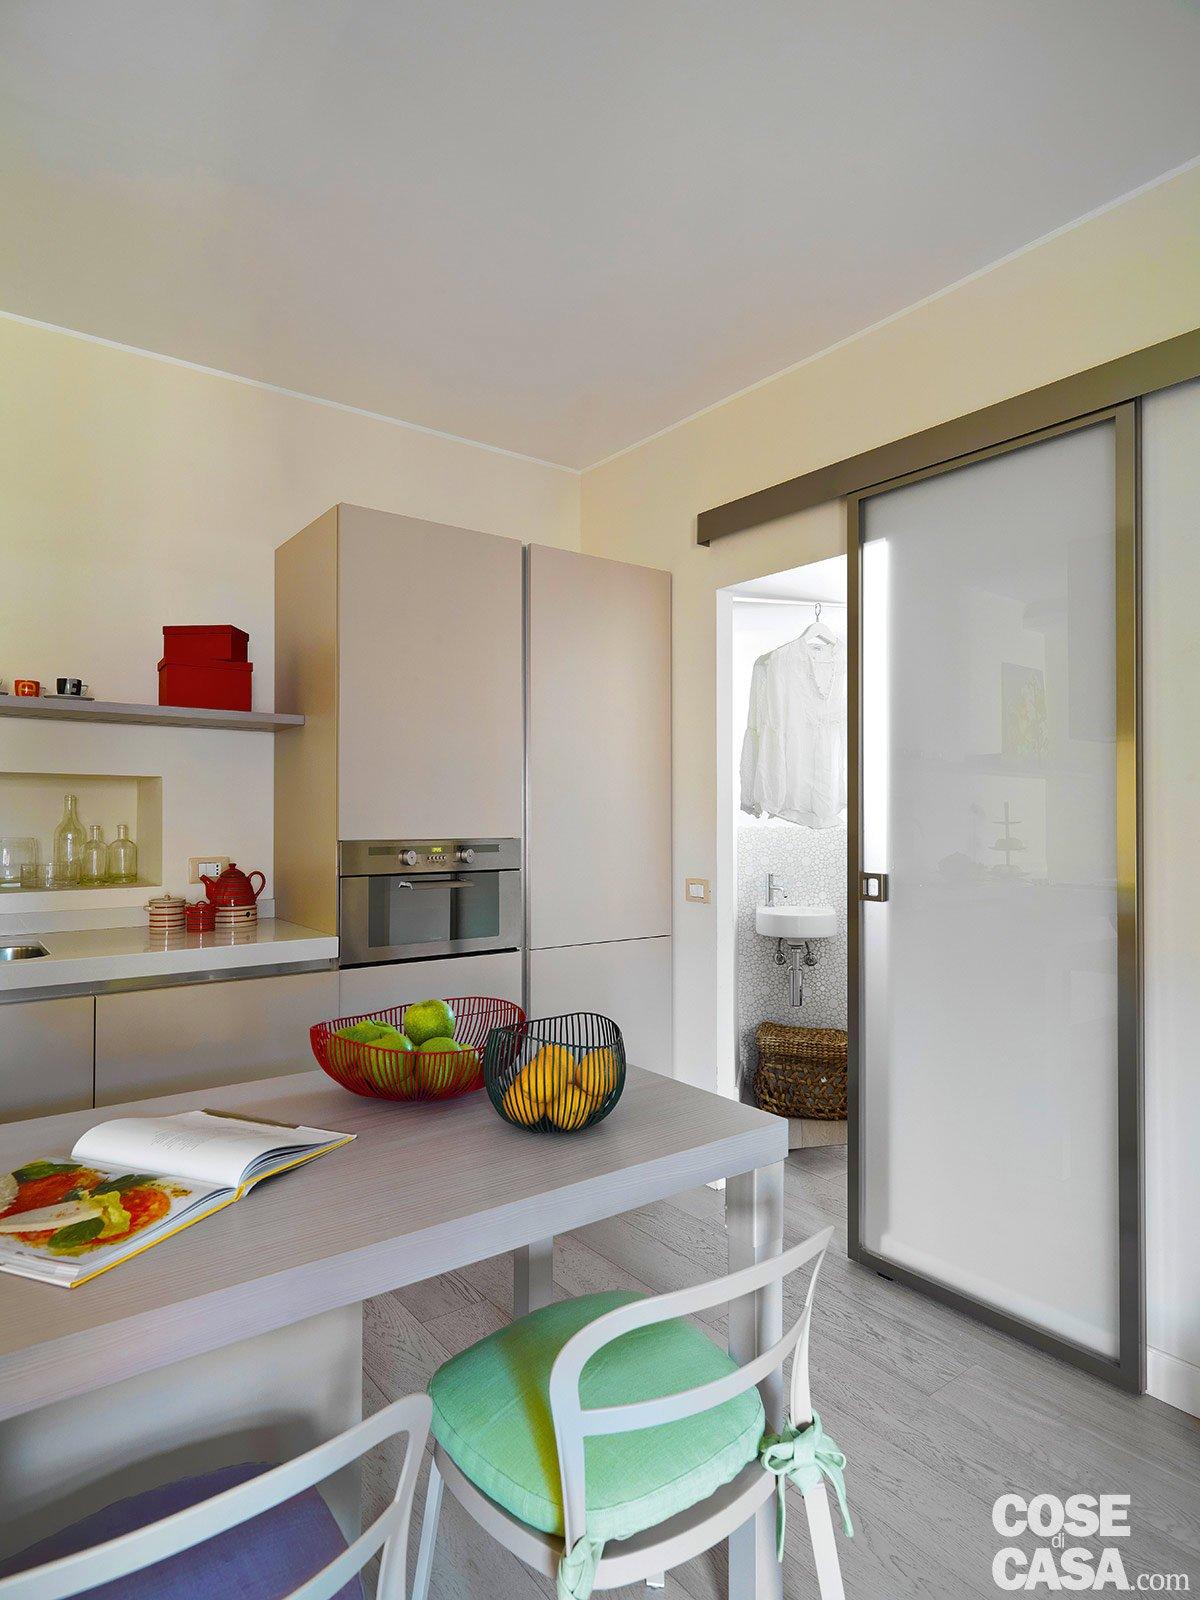 Arredare cucina piccola rettangolare wq75 regardsdefemmes - Arredare cucina piccola rettangolare ...